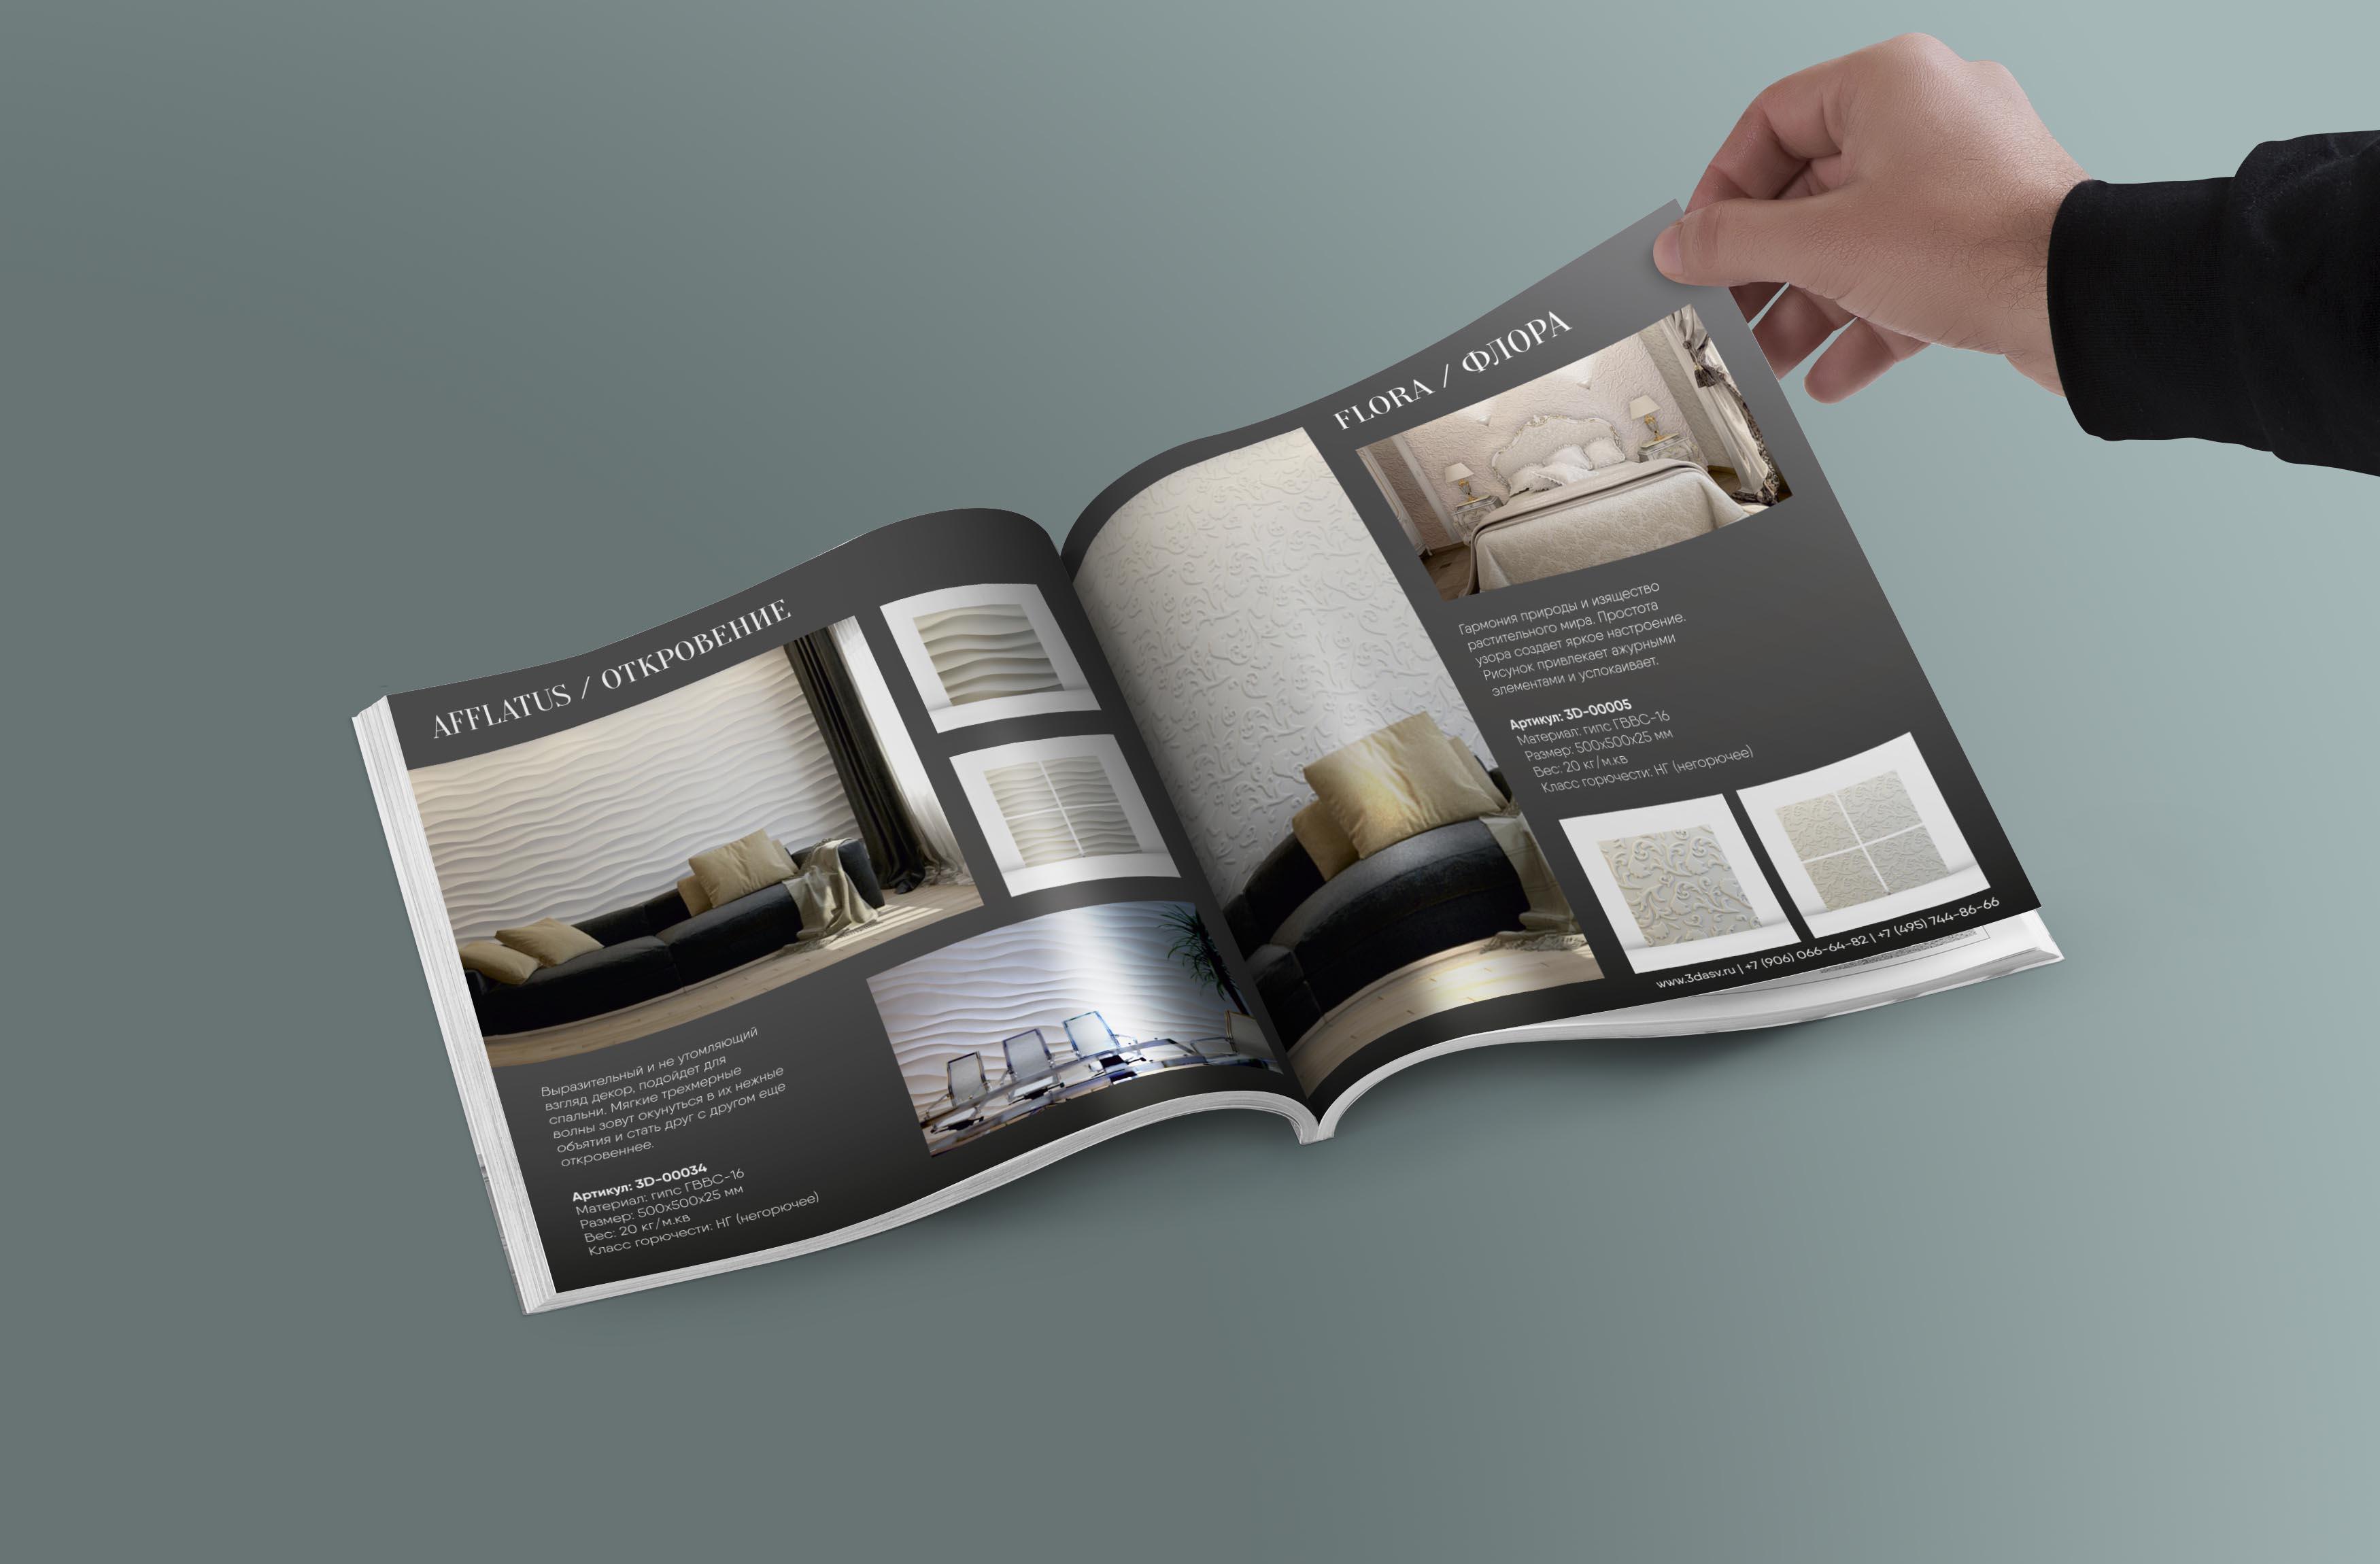 Разработать дизайн каталога 3D панелей - пример 2